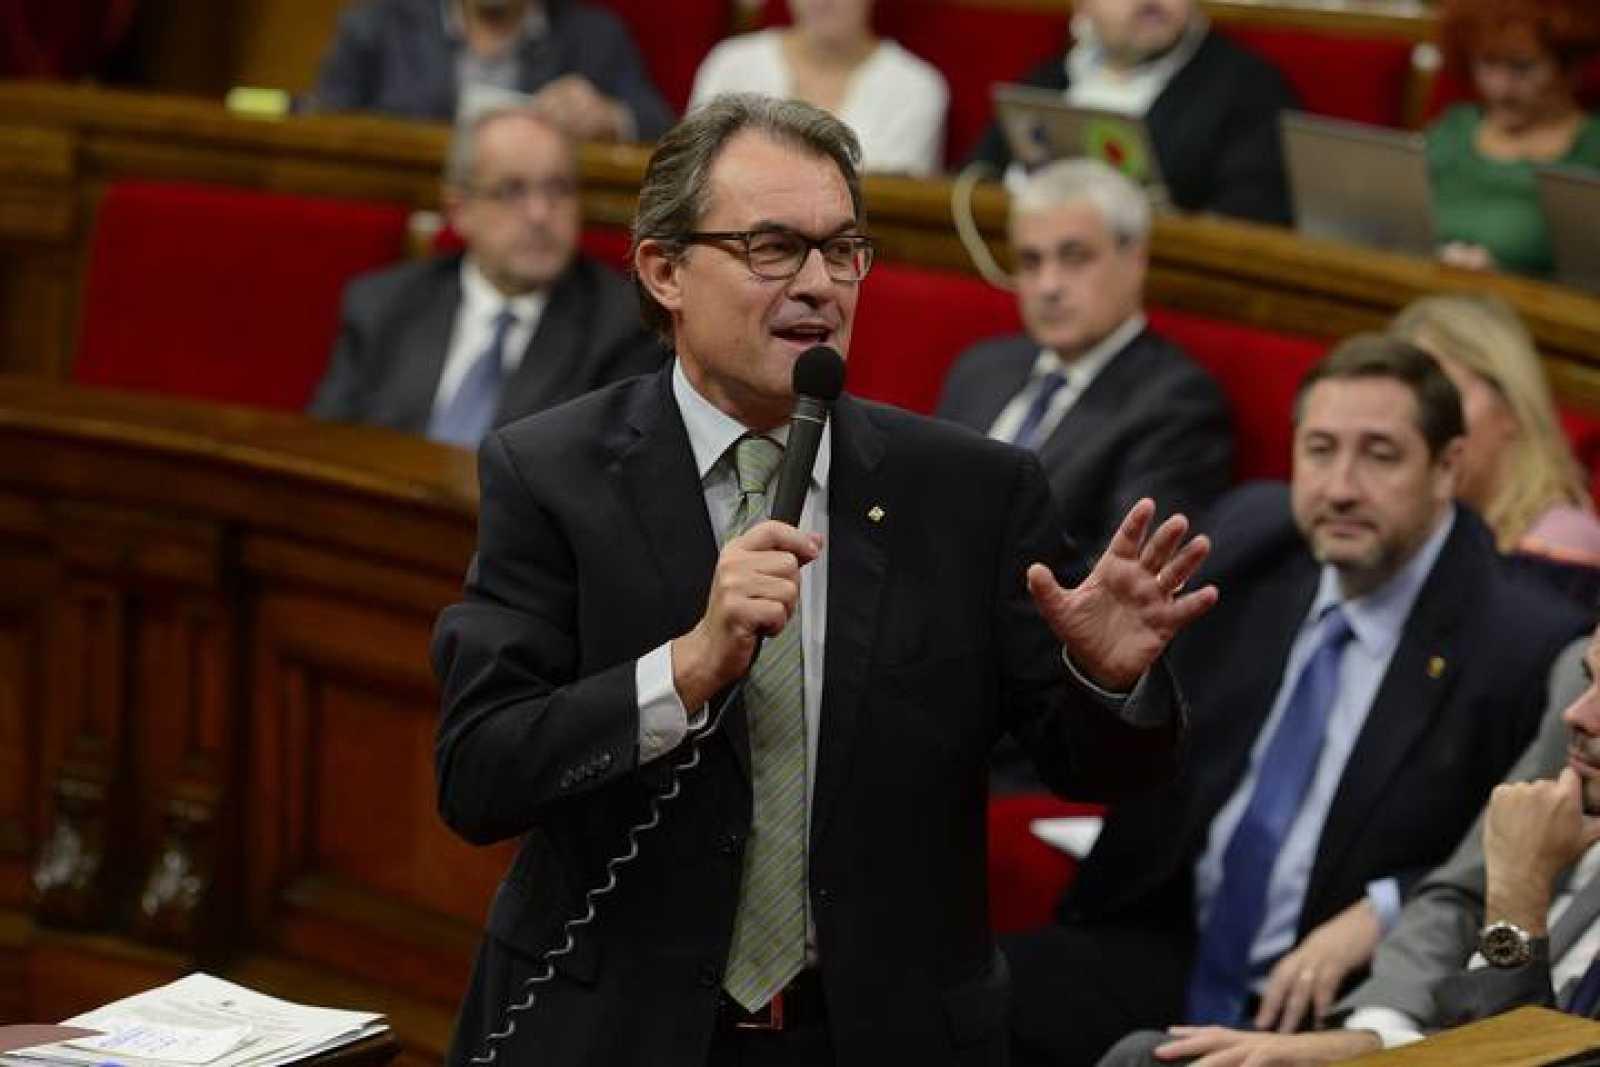 El presidente de Cataluña, Artur Mas, en el Parlament